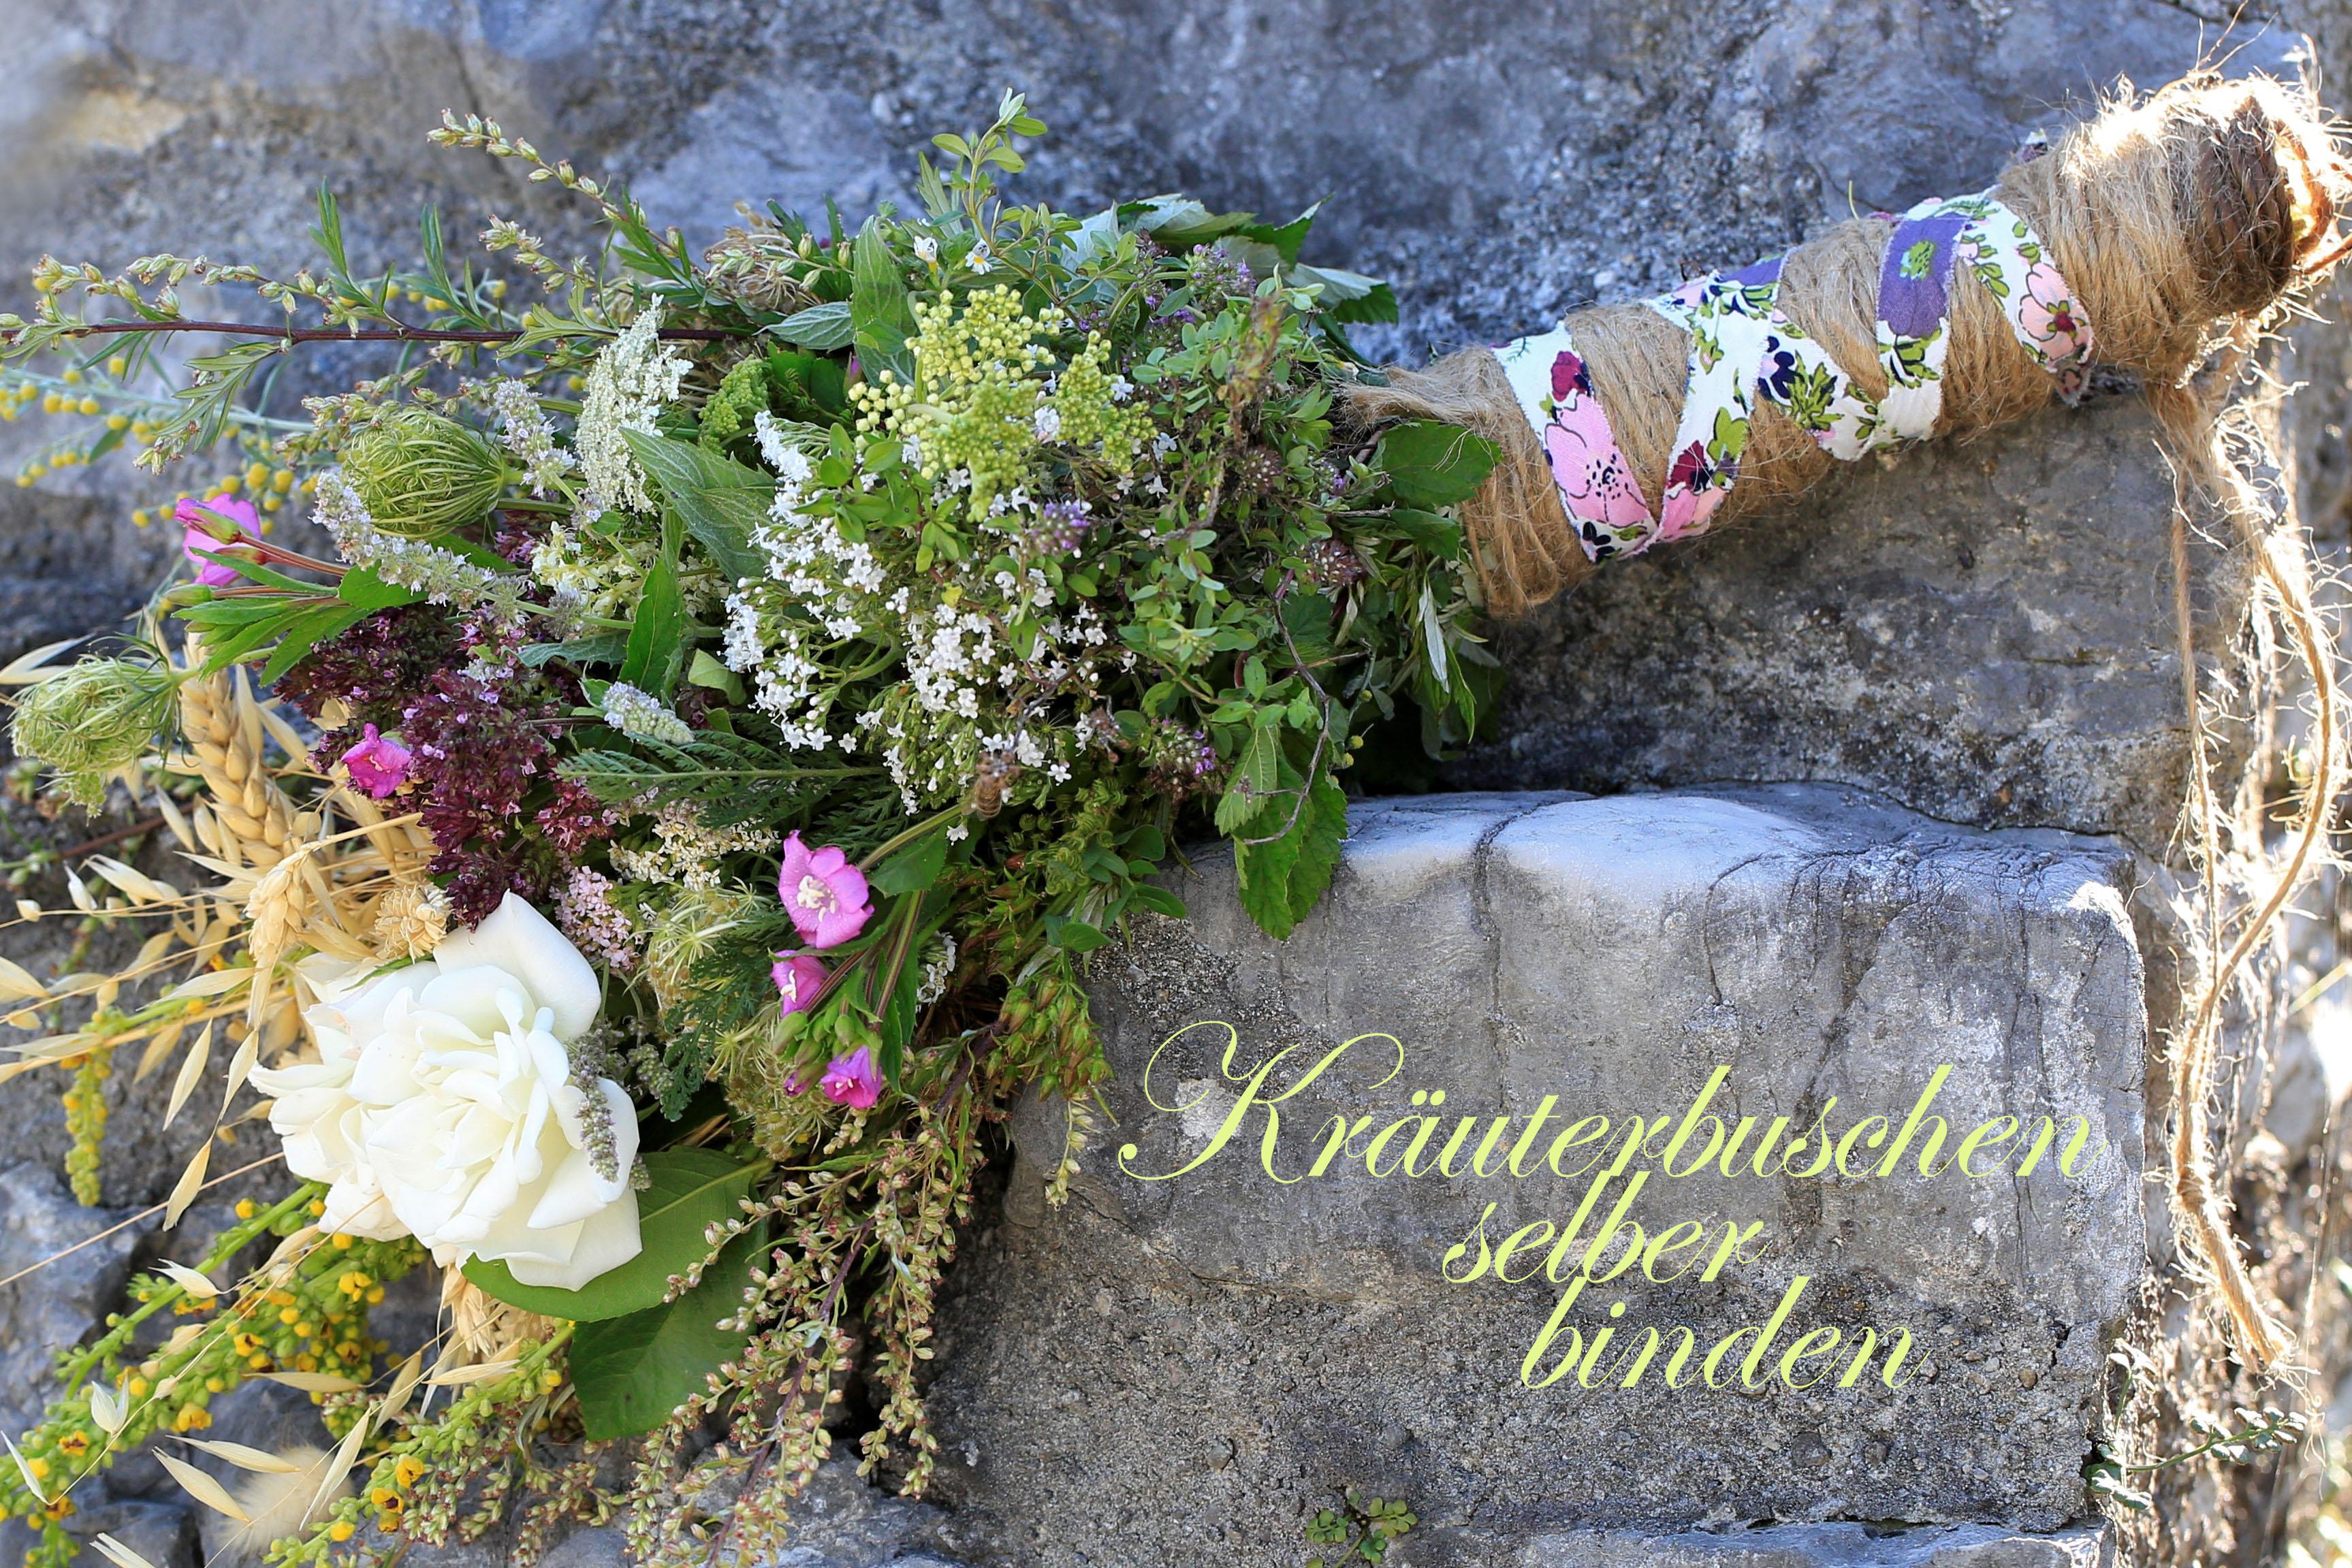 Zum Frauendreißiger zu Maria Himmelfahrt werden traditionell viele Kräuter gesammelt. Durch die Weihung erhält der Kräuterbuschen noch mehr Heilkraft.